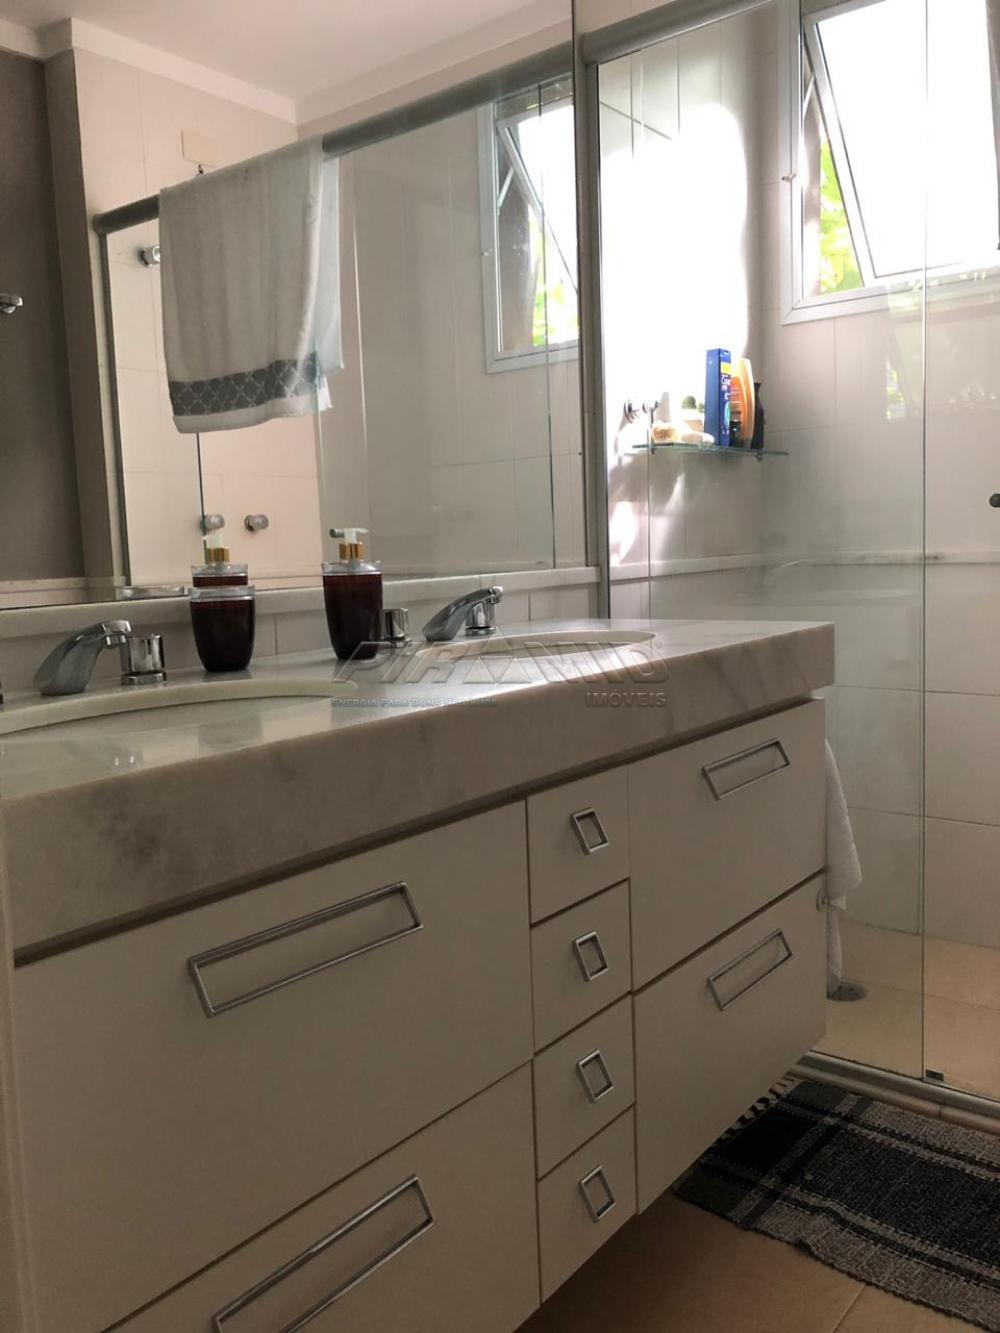 Comprar Casa / Condomínio em Ribeirão Preto apenas R$ 1.280.000,00 - Foto 13